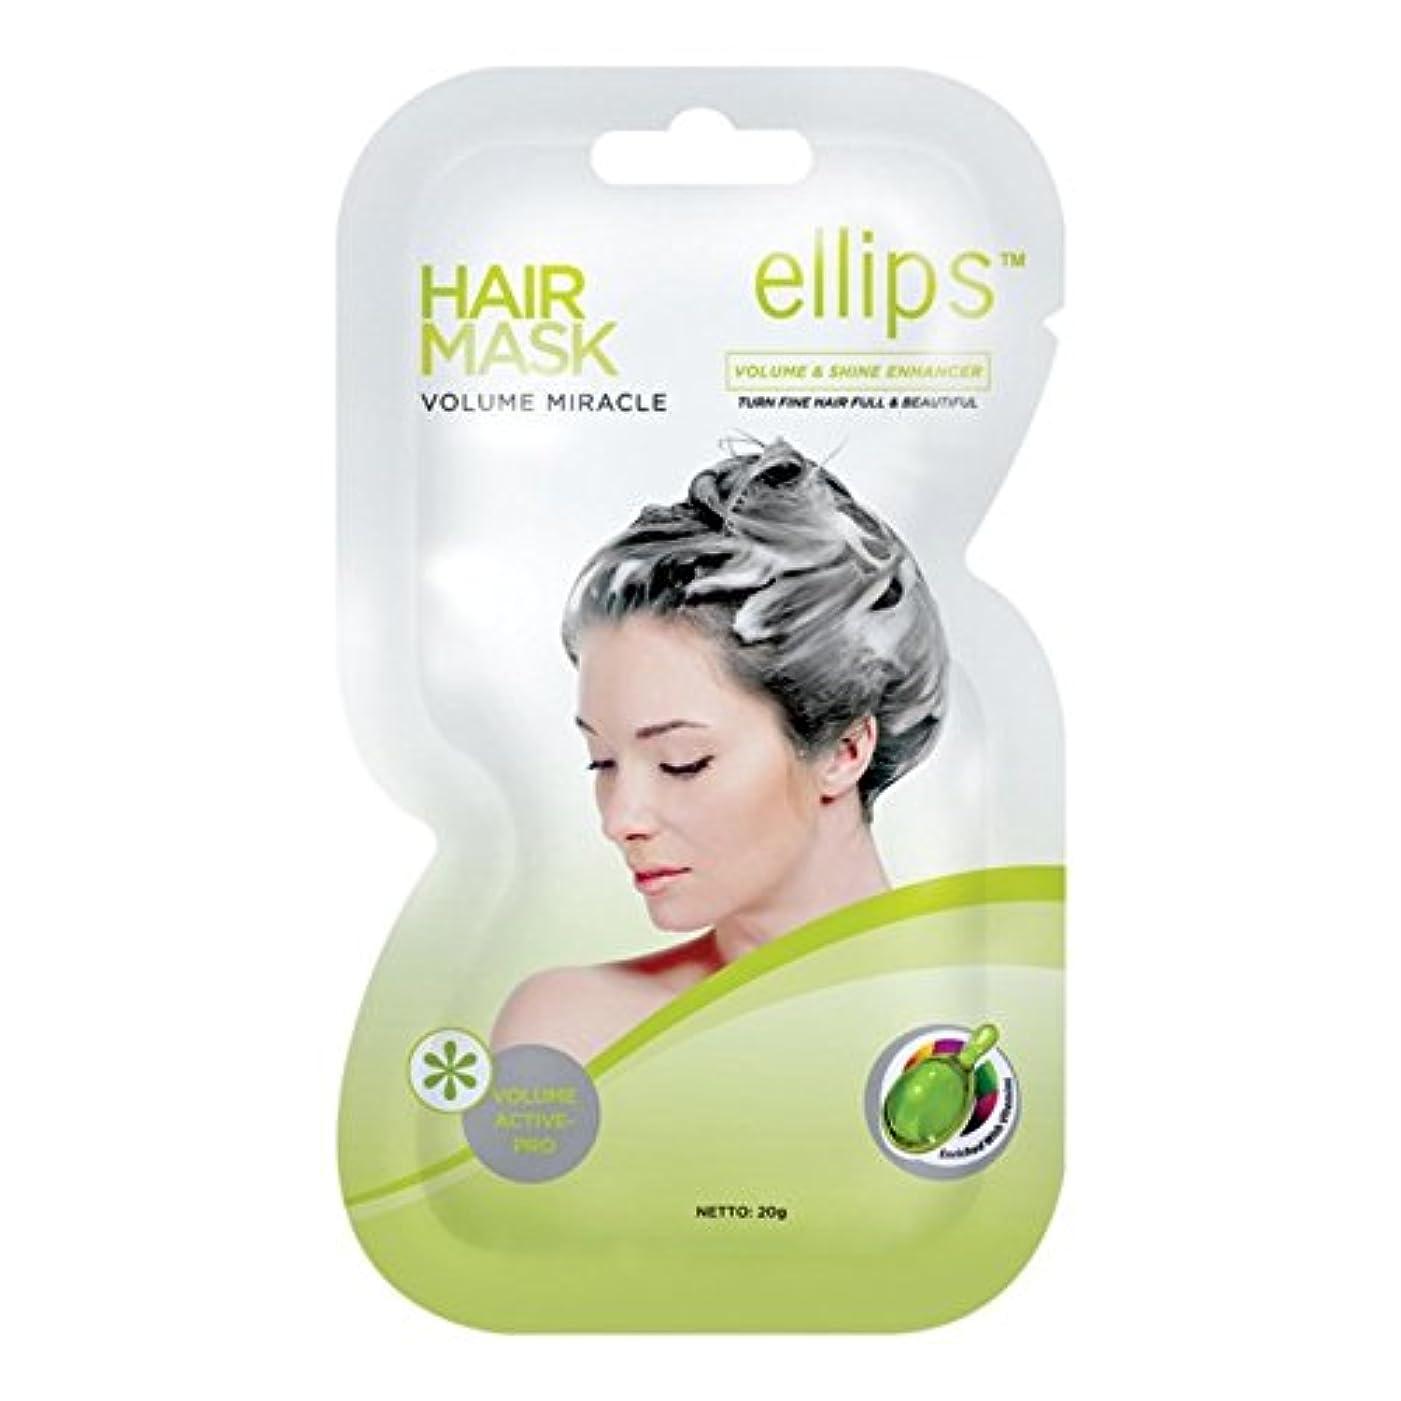 受動的物理的に所有者Ellips 髪のマスク - ボリュームミラクル、20グラム(10パック)